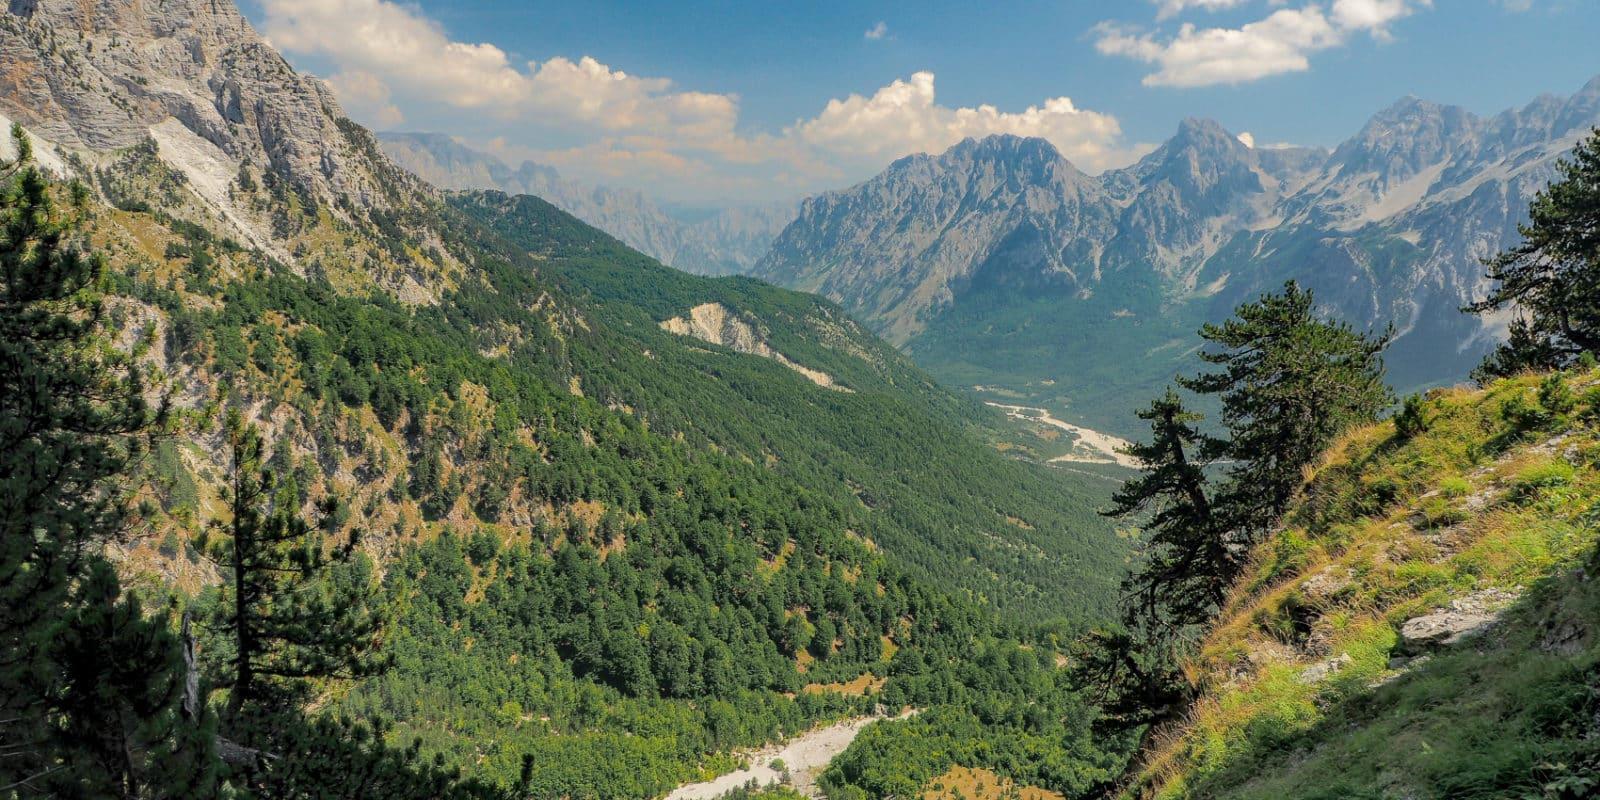 Góry Przeklęte w Albanii - szlak prowadzący z Valbony do Theth